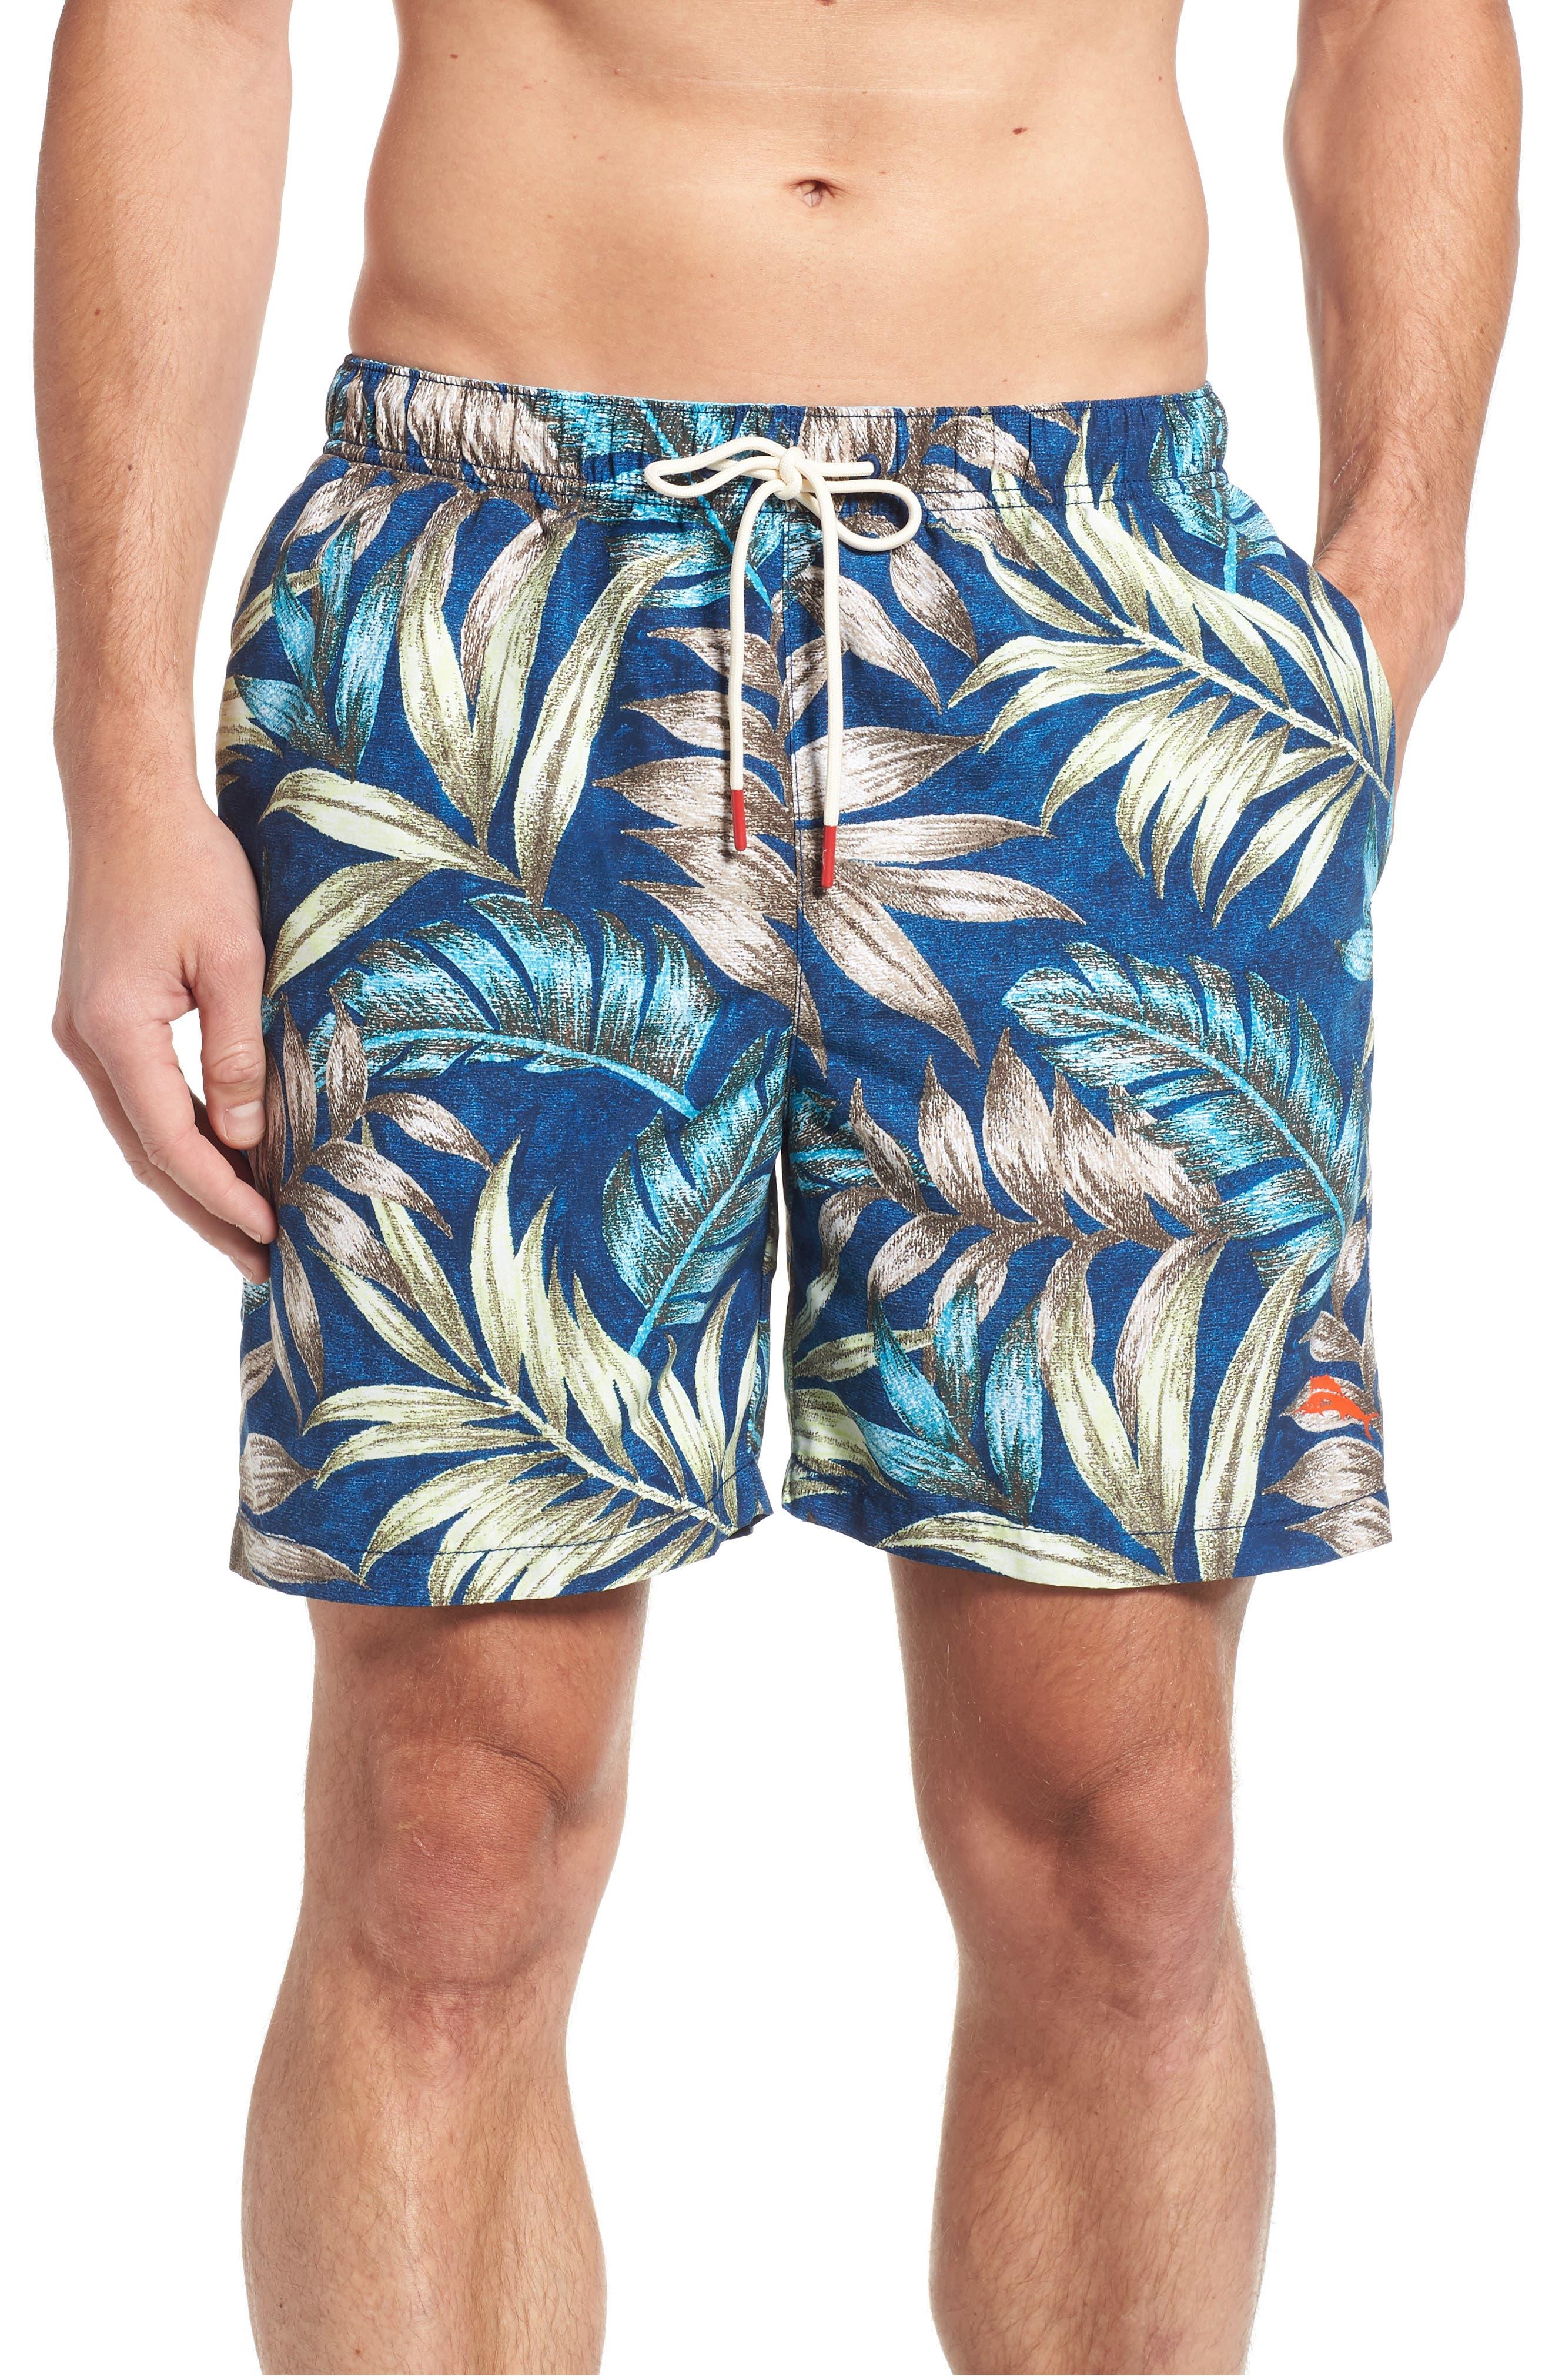 Naples Parque Palms Swim Trunks,                             Main thumbnail 1, color,                             400